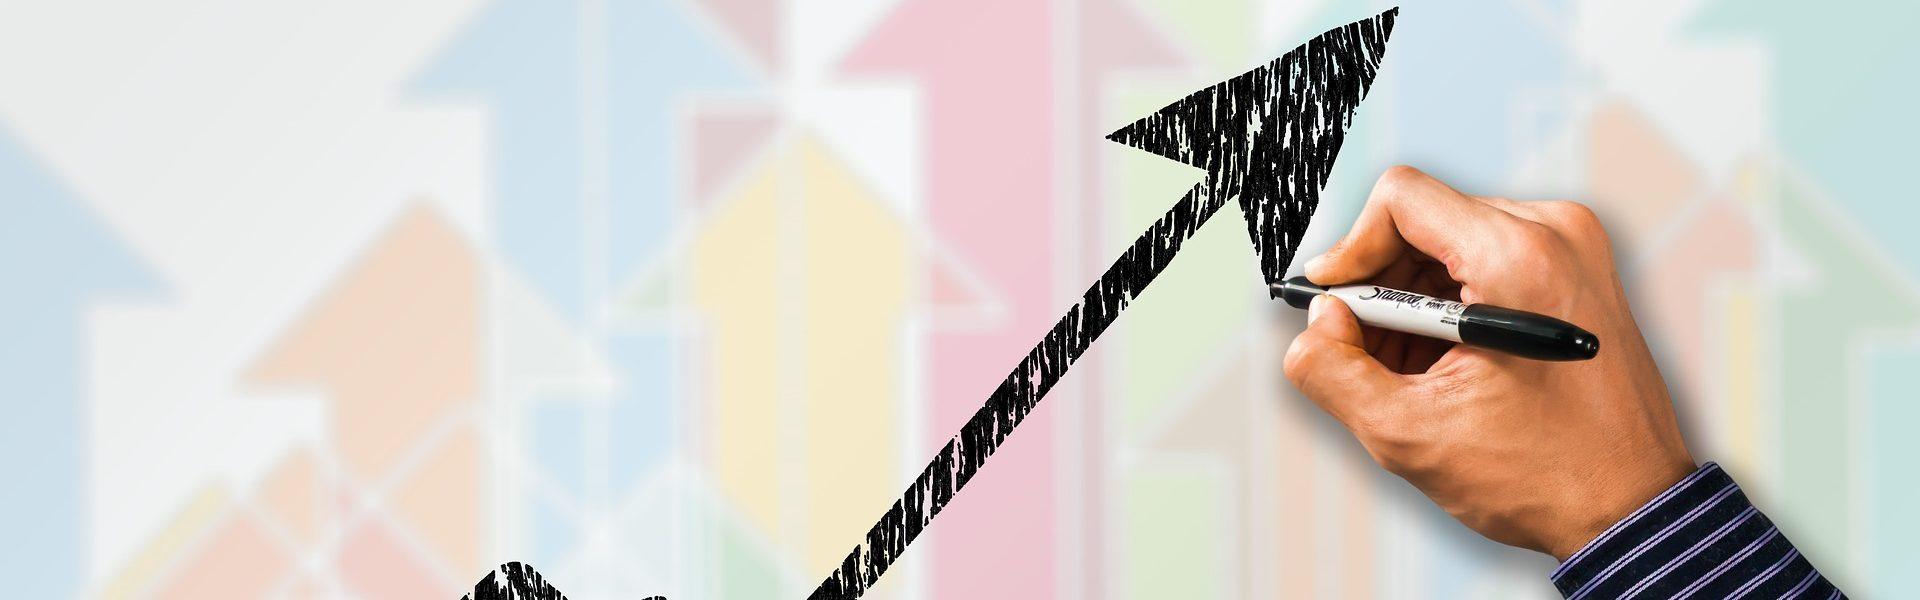 flecha de ascenso